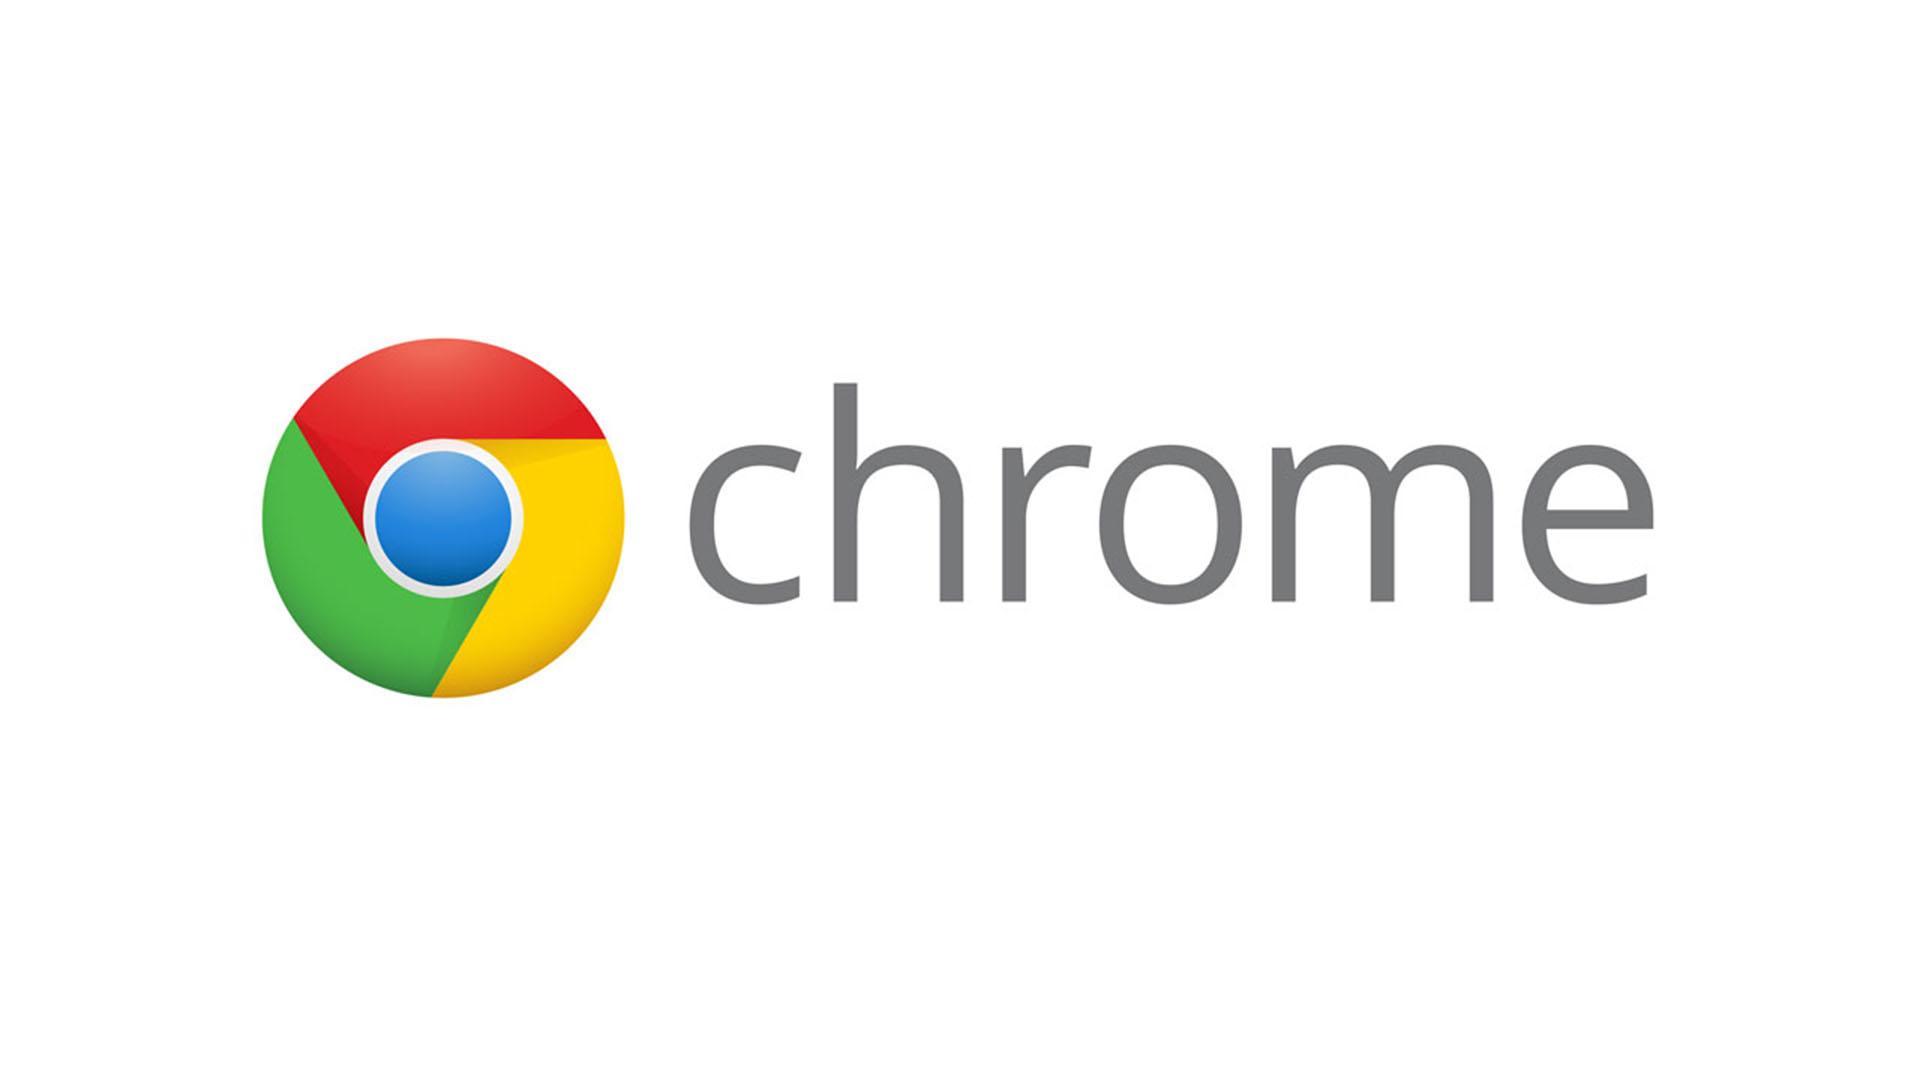 Se halló una grave vulnerabilidad en Google Chrome y se insta a todos los usuarios actualizar el sistema.